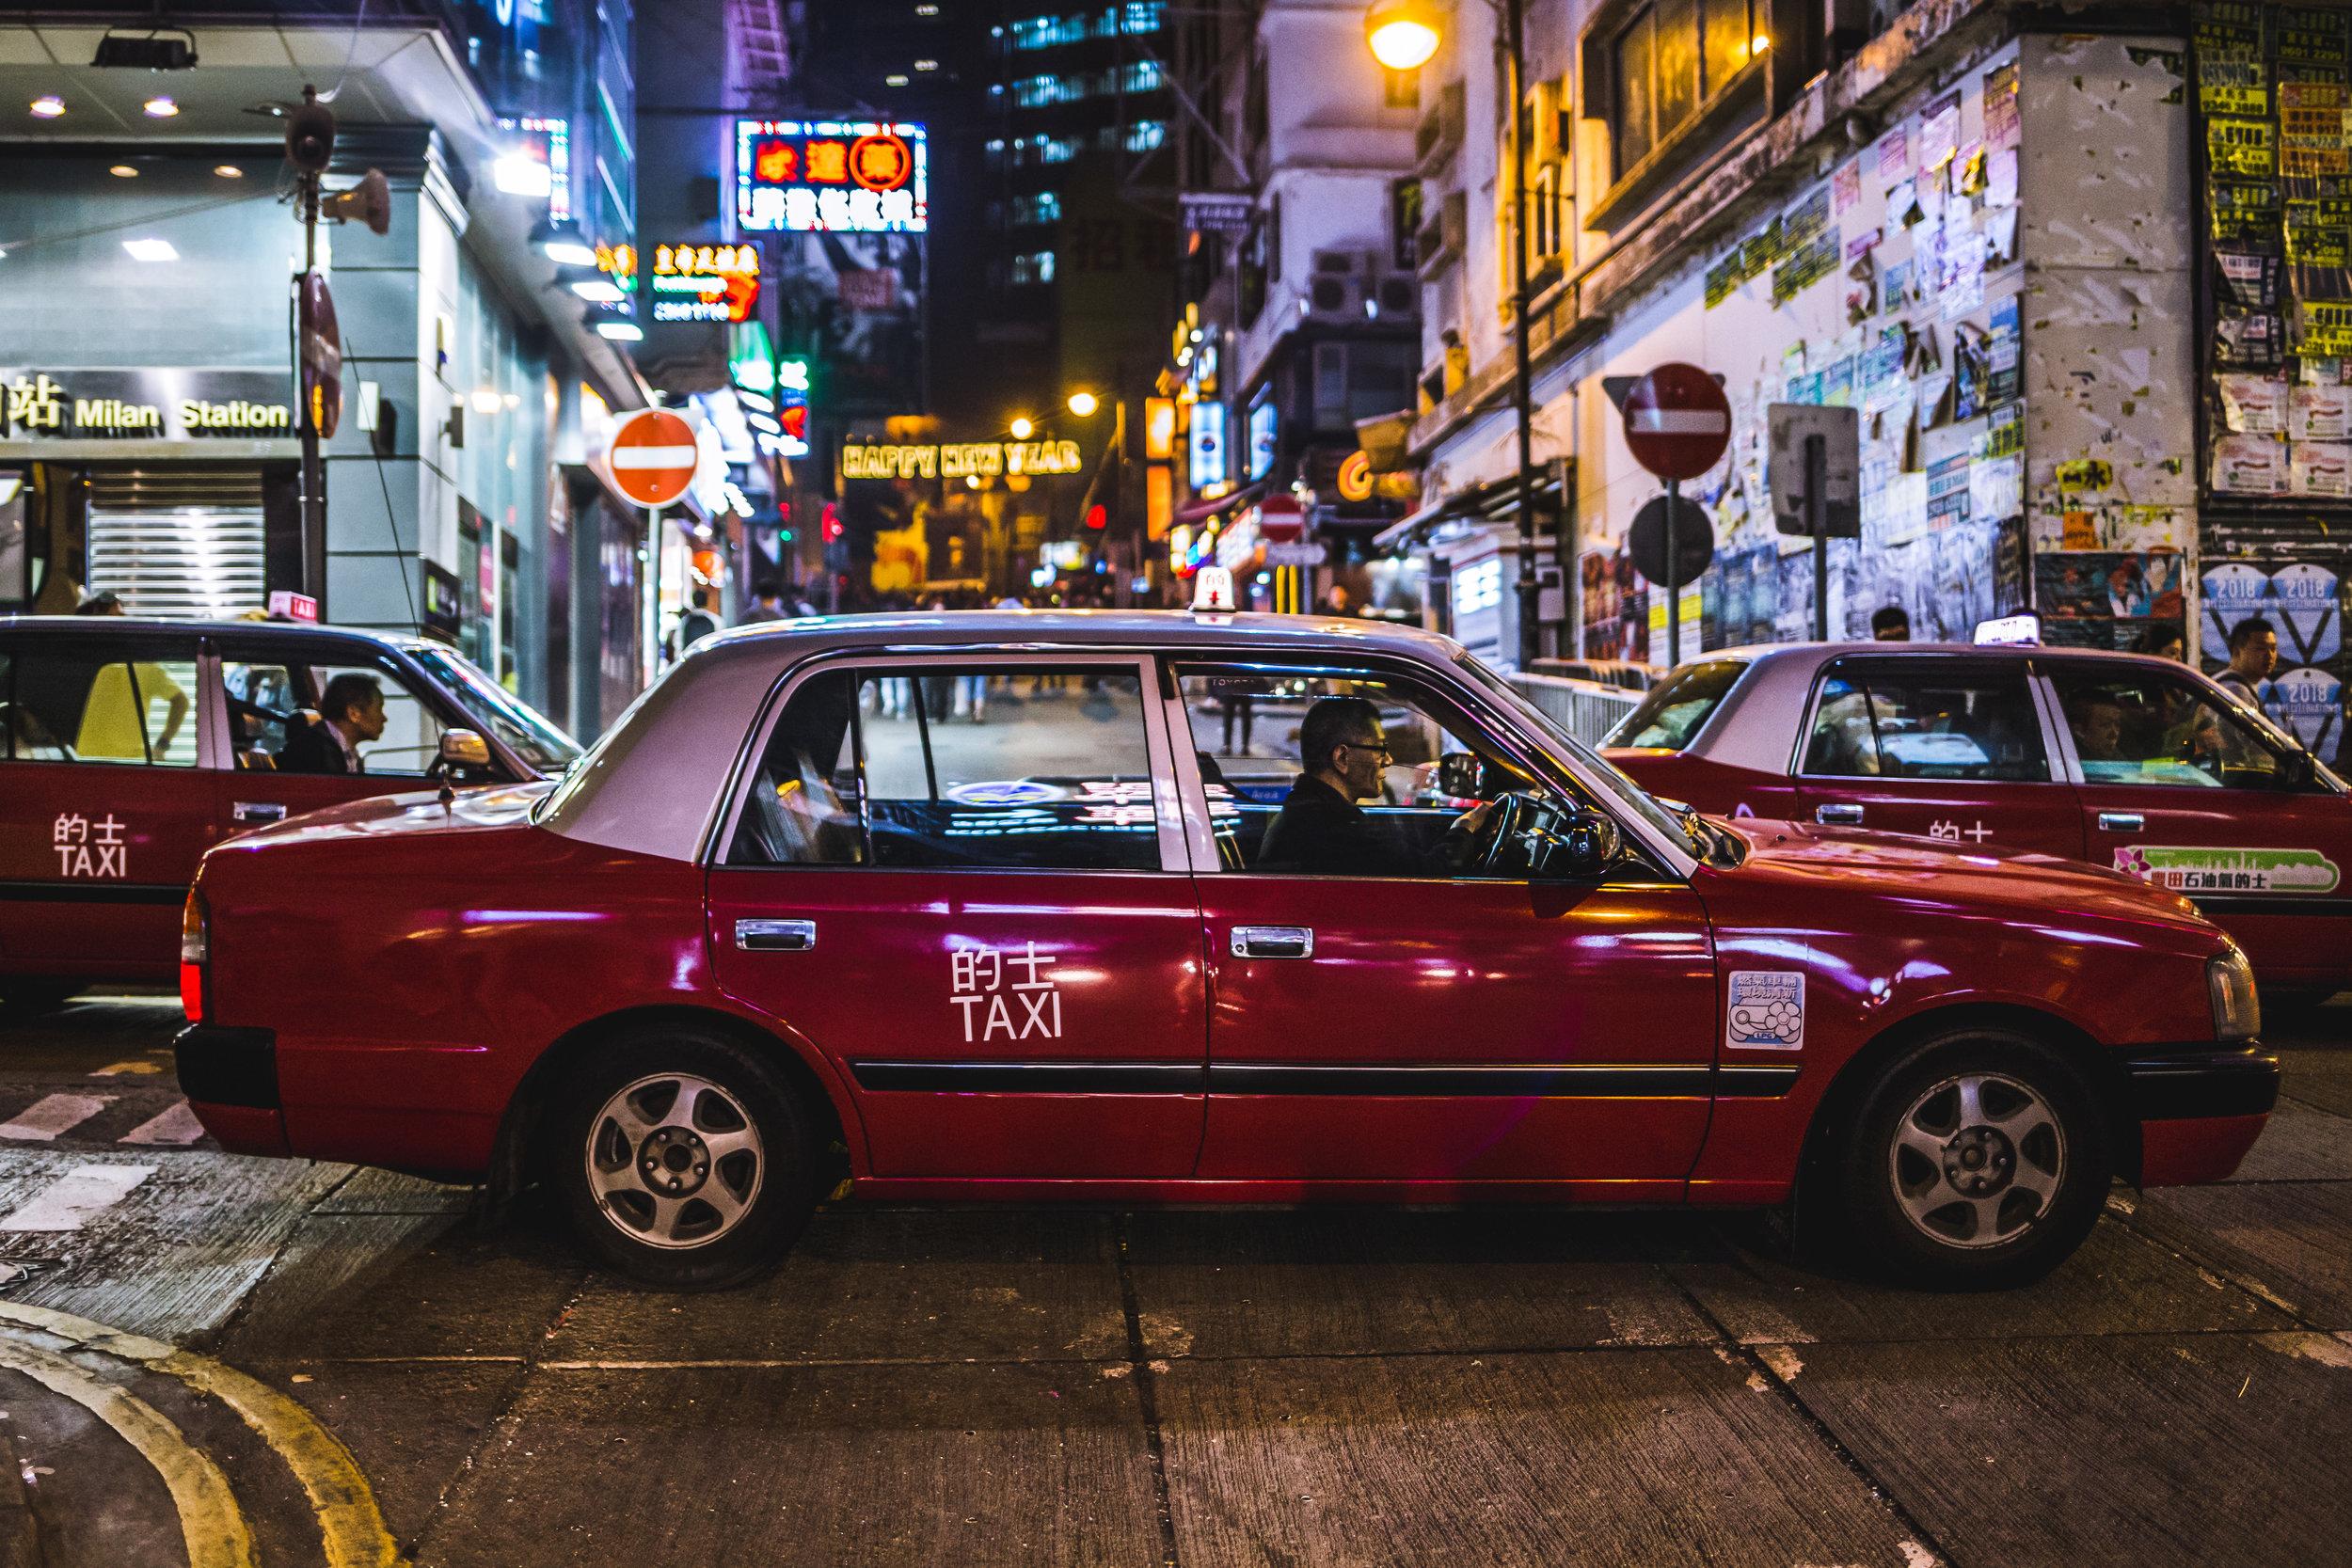 Taxis in Hong Kong Central, Hong Kong - January 2018